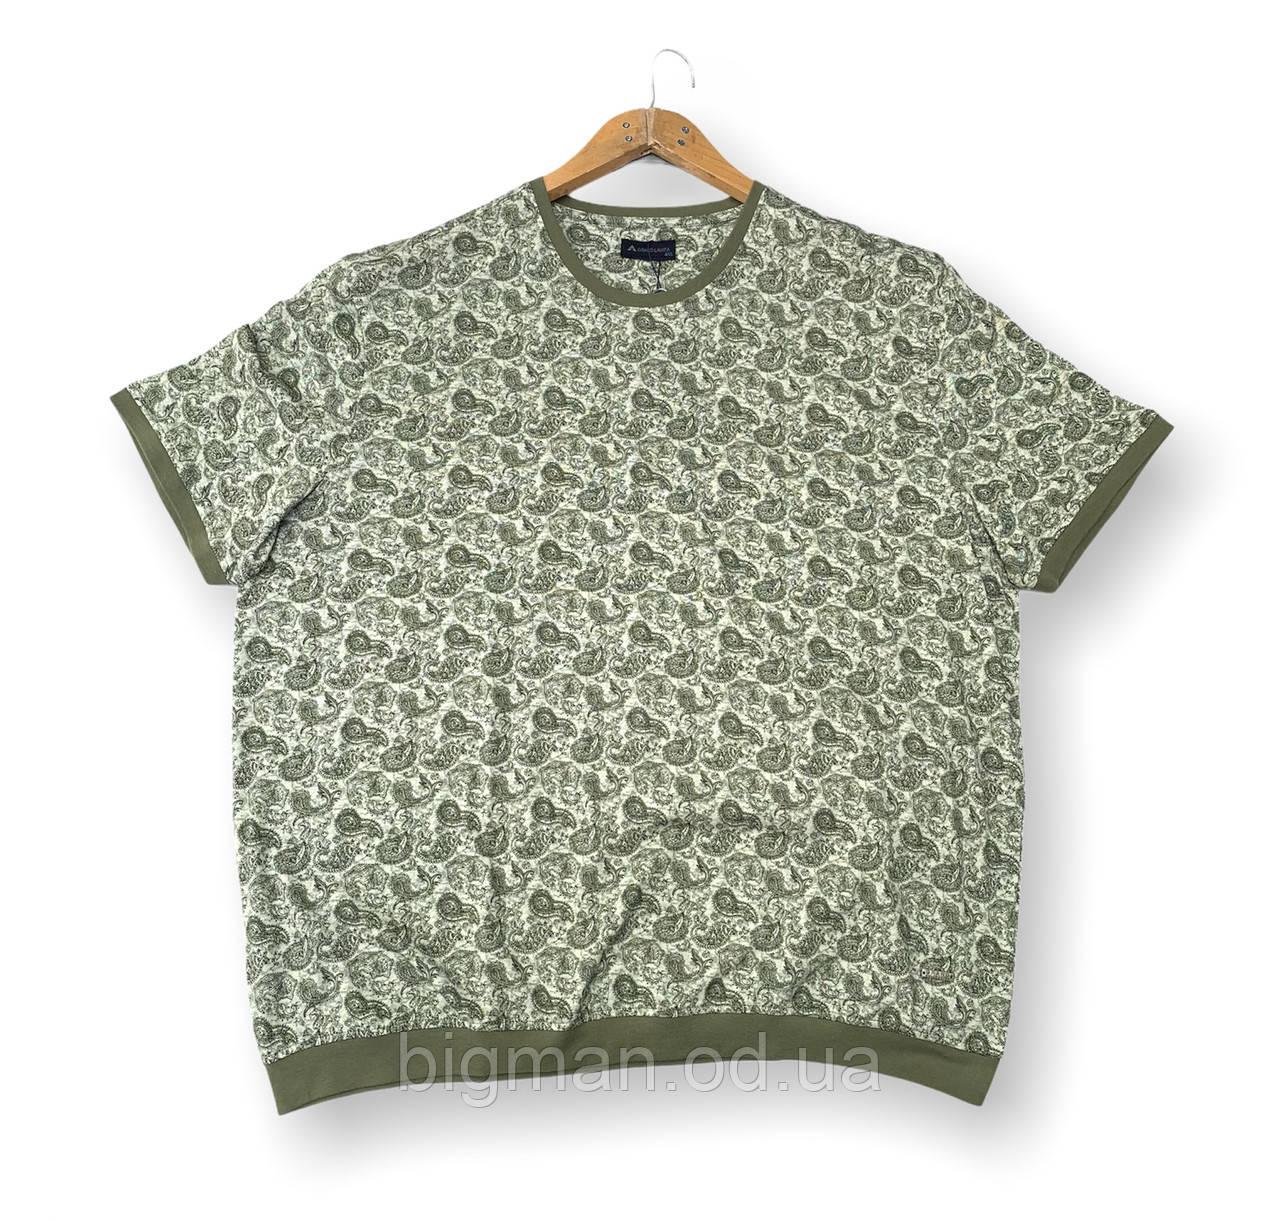 Мужская футболка на резинке зеленая батальная (большие размеры 4XL 5XL) Grand la Vita, Турция